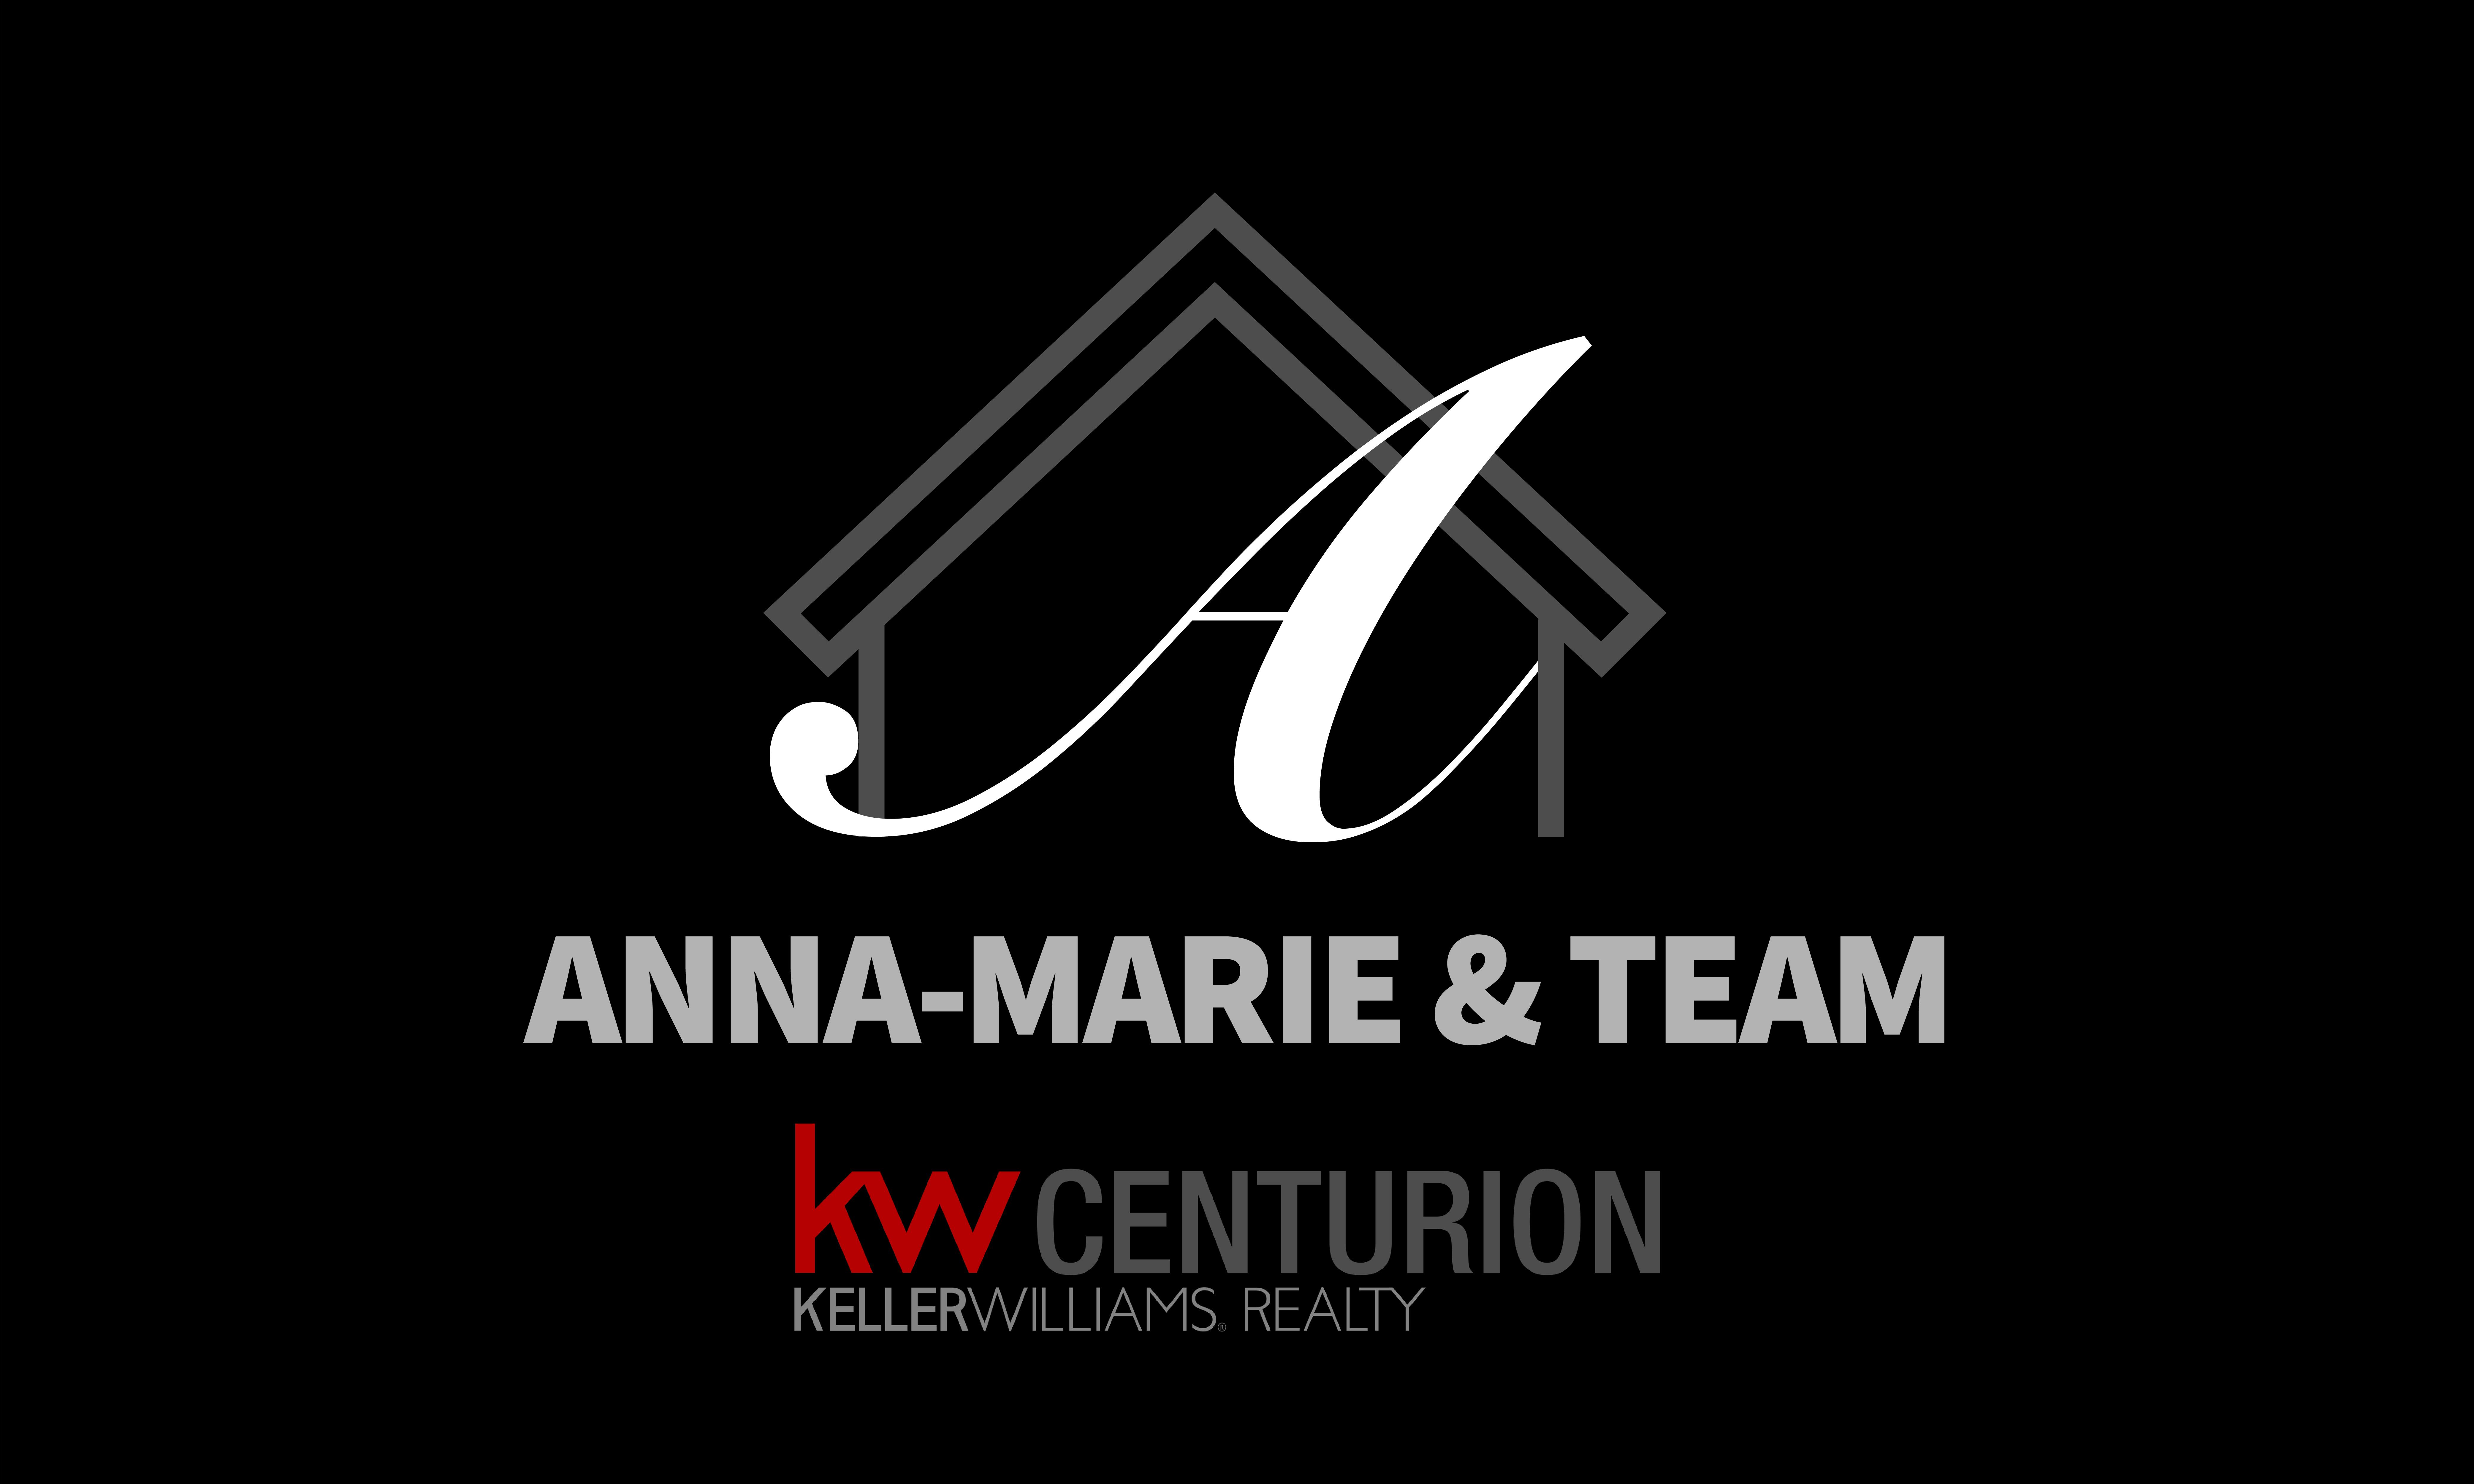 Anna-Marie & Team